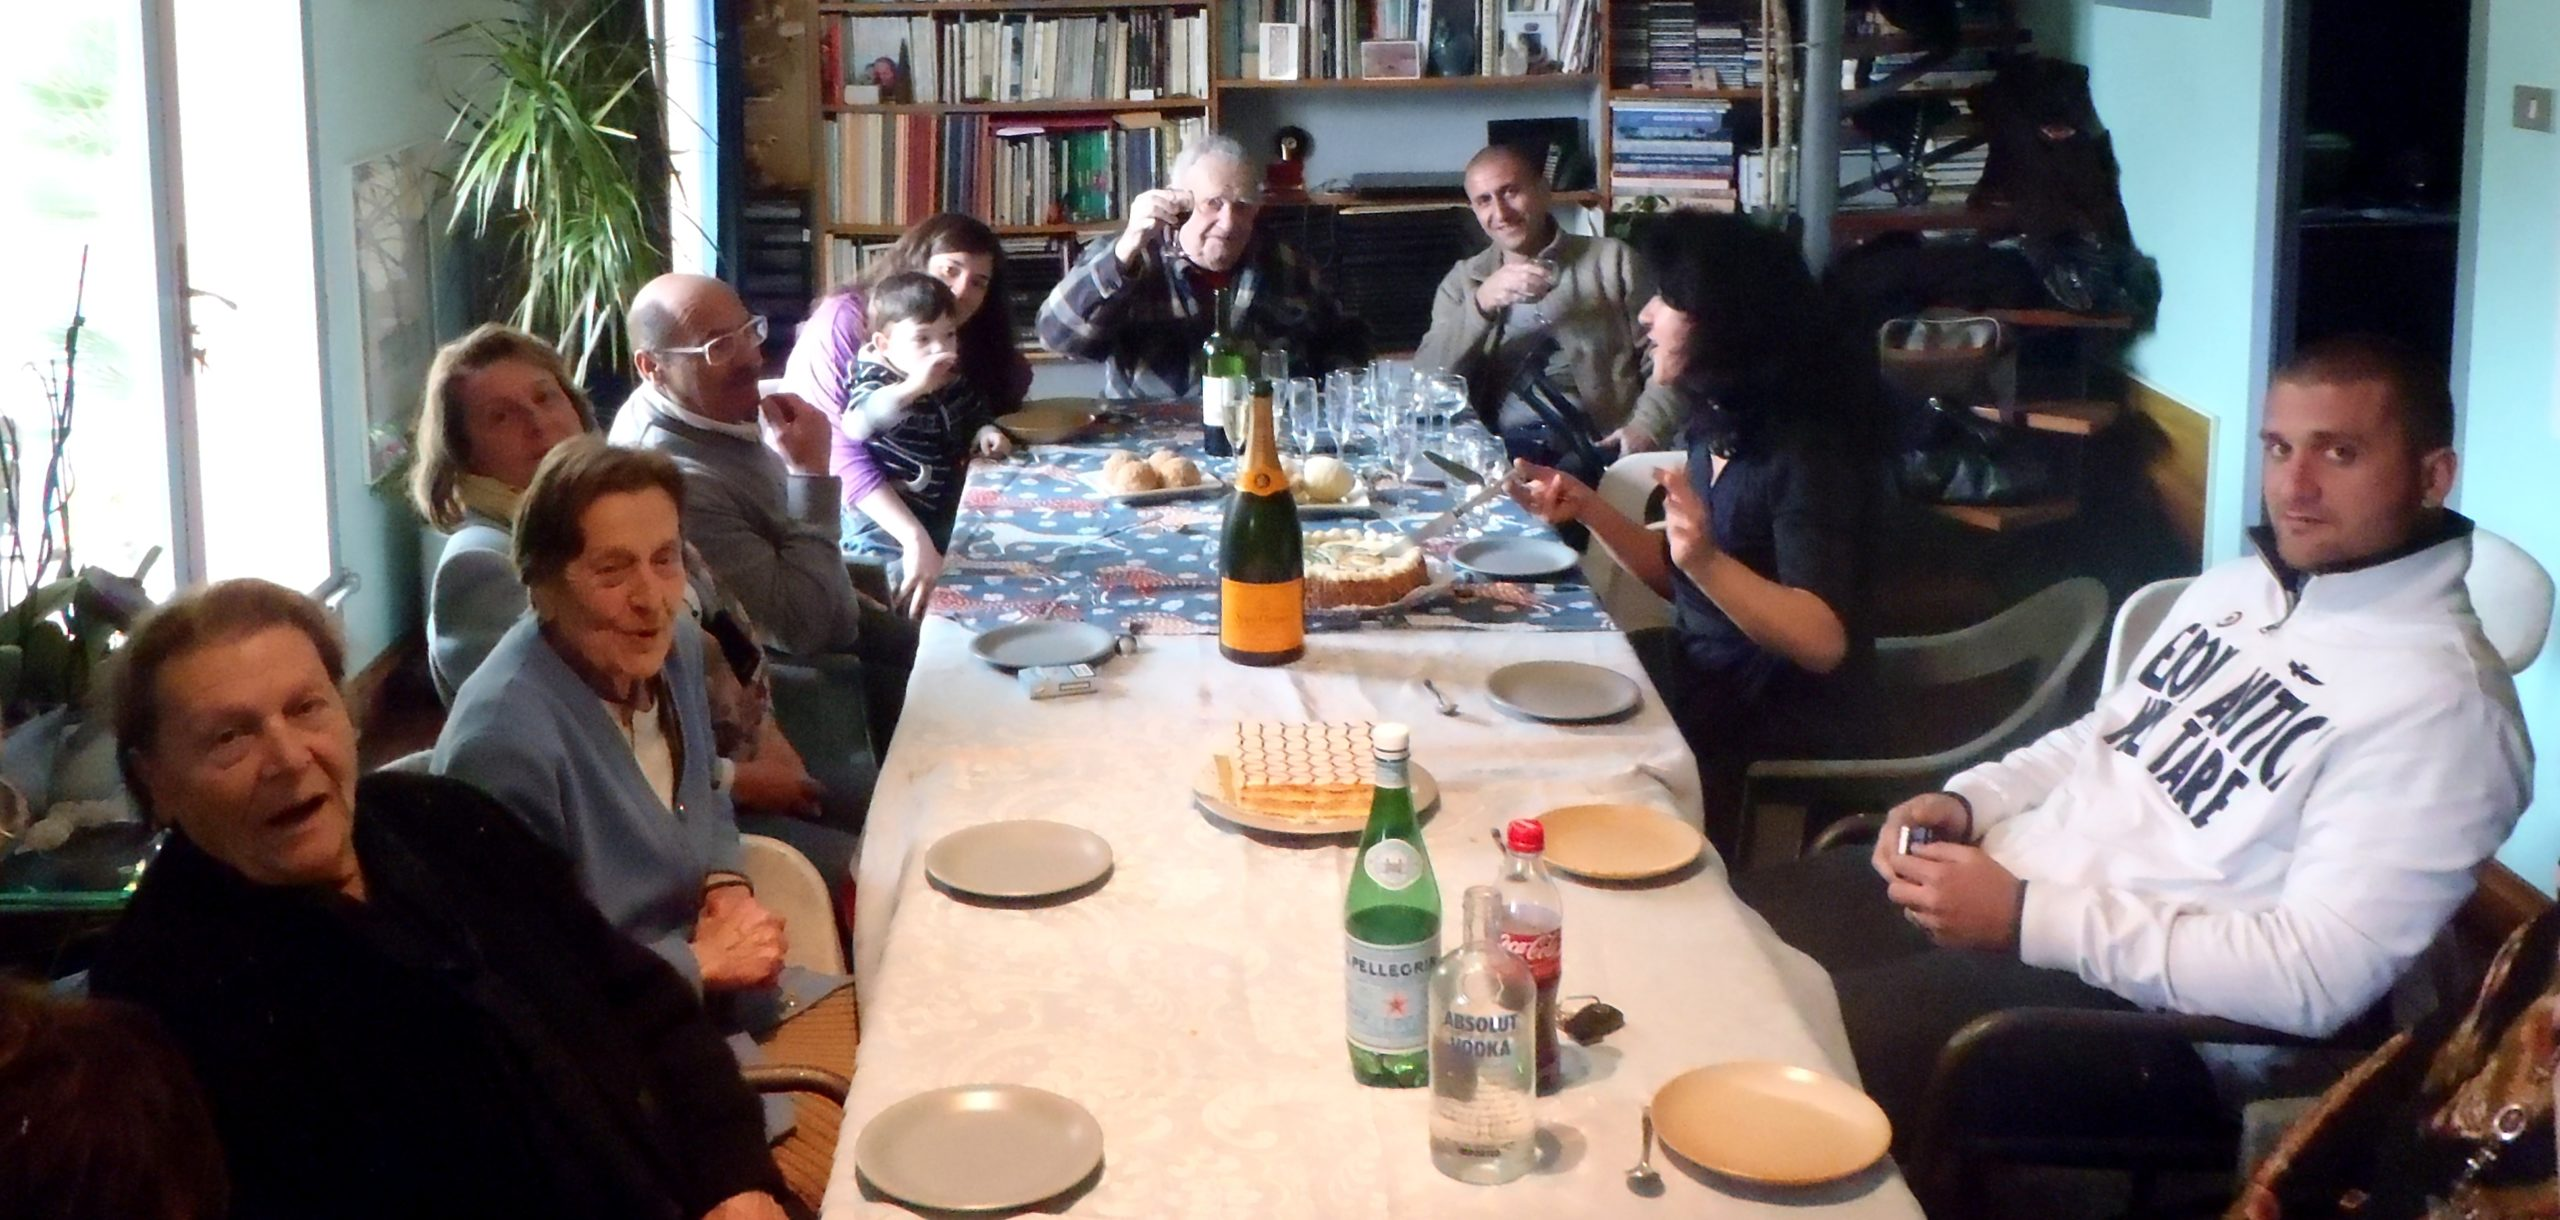 Natale è riunire la famiglia